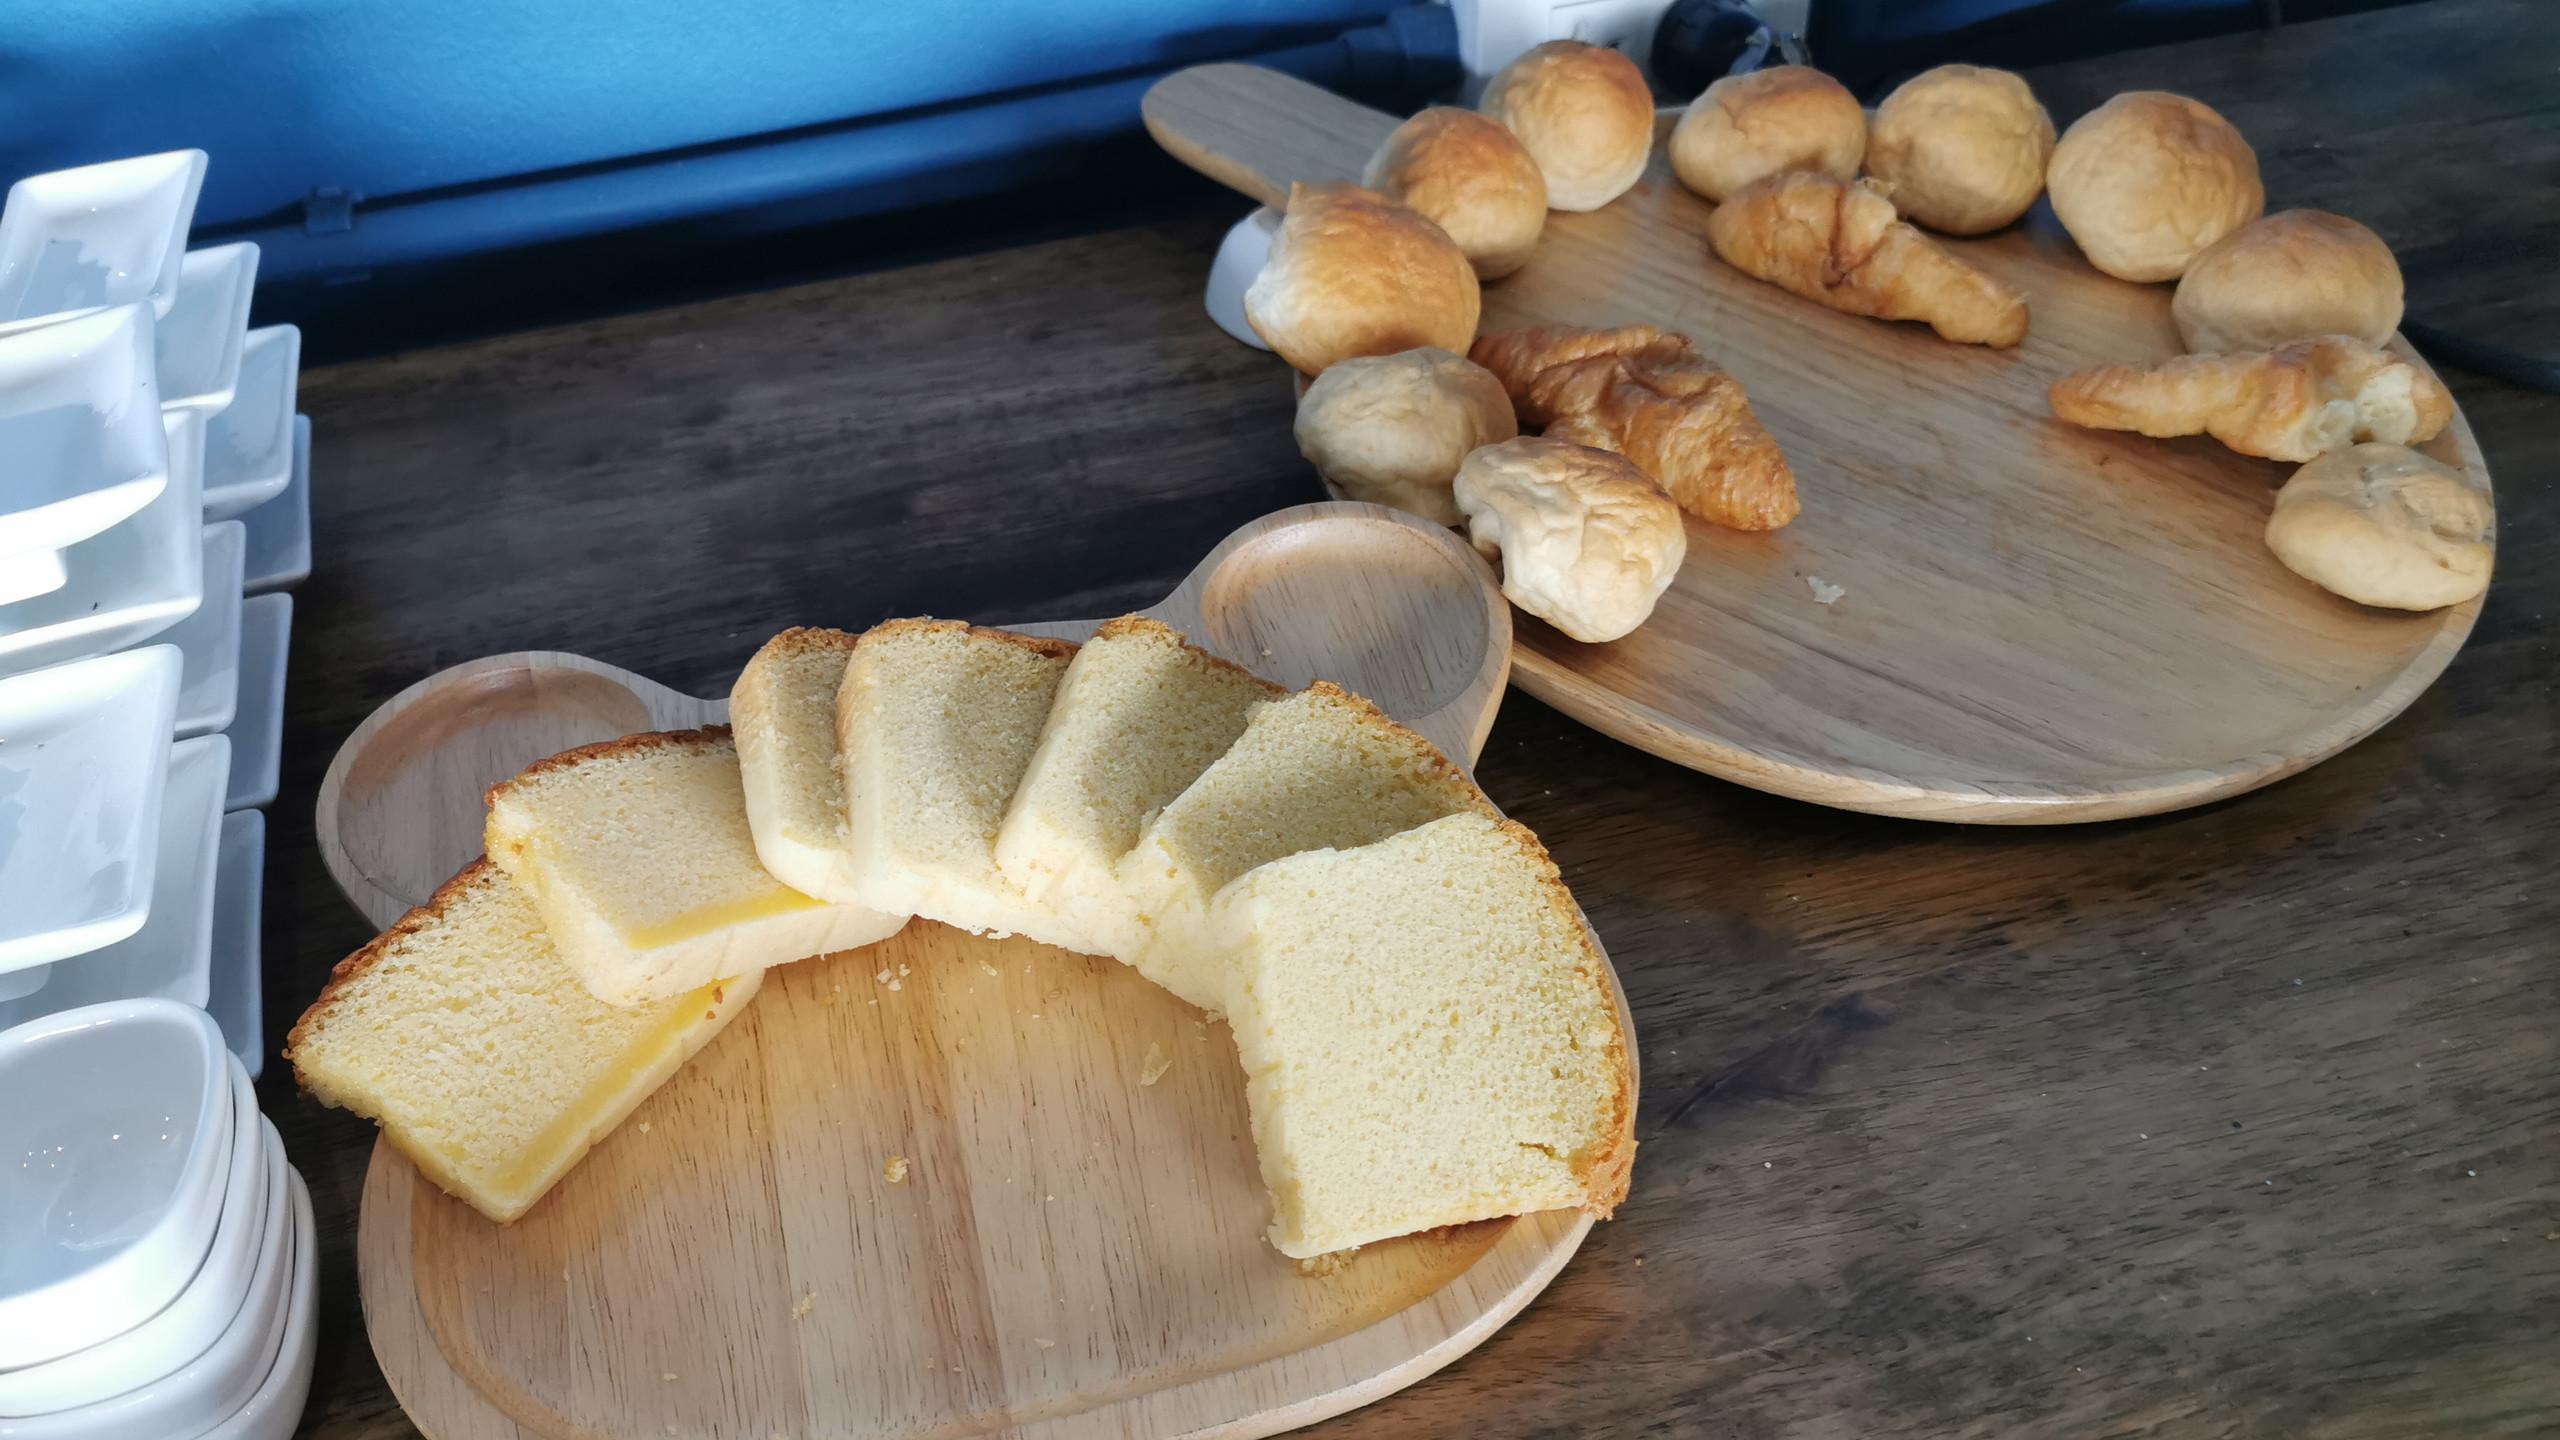 Grandkokkod Breakfast